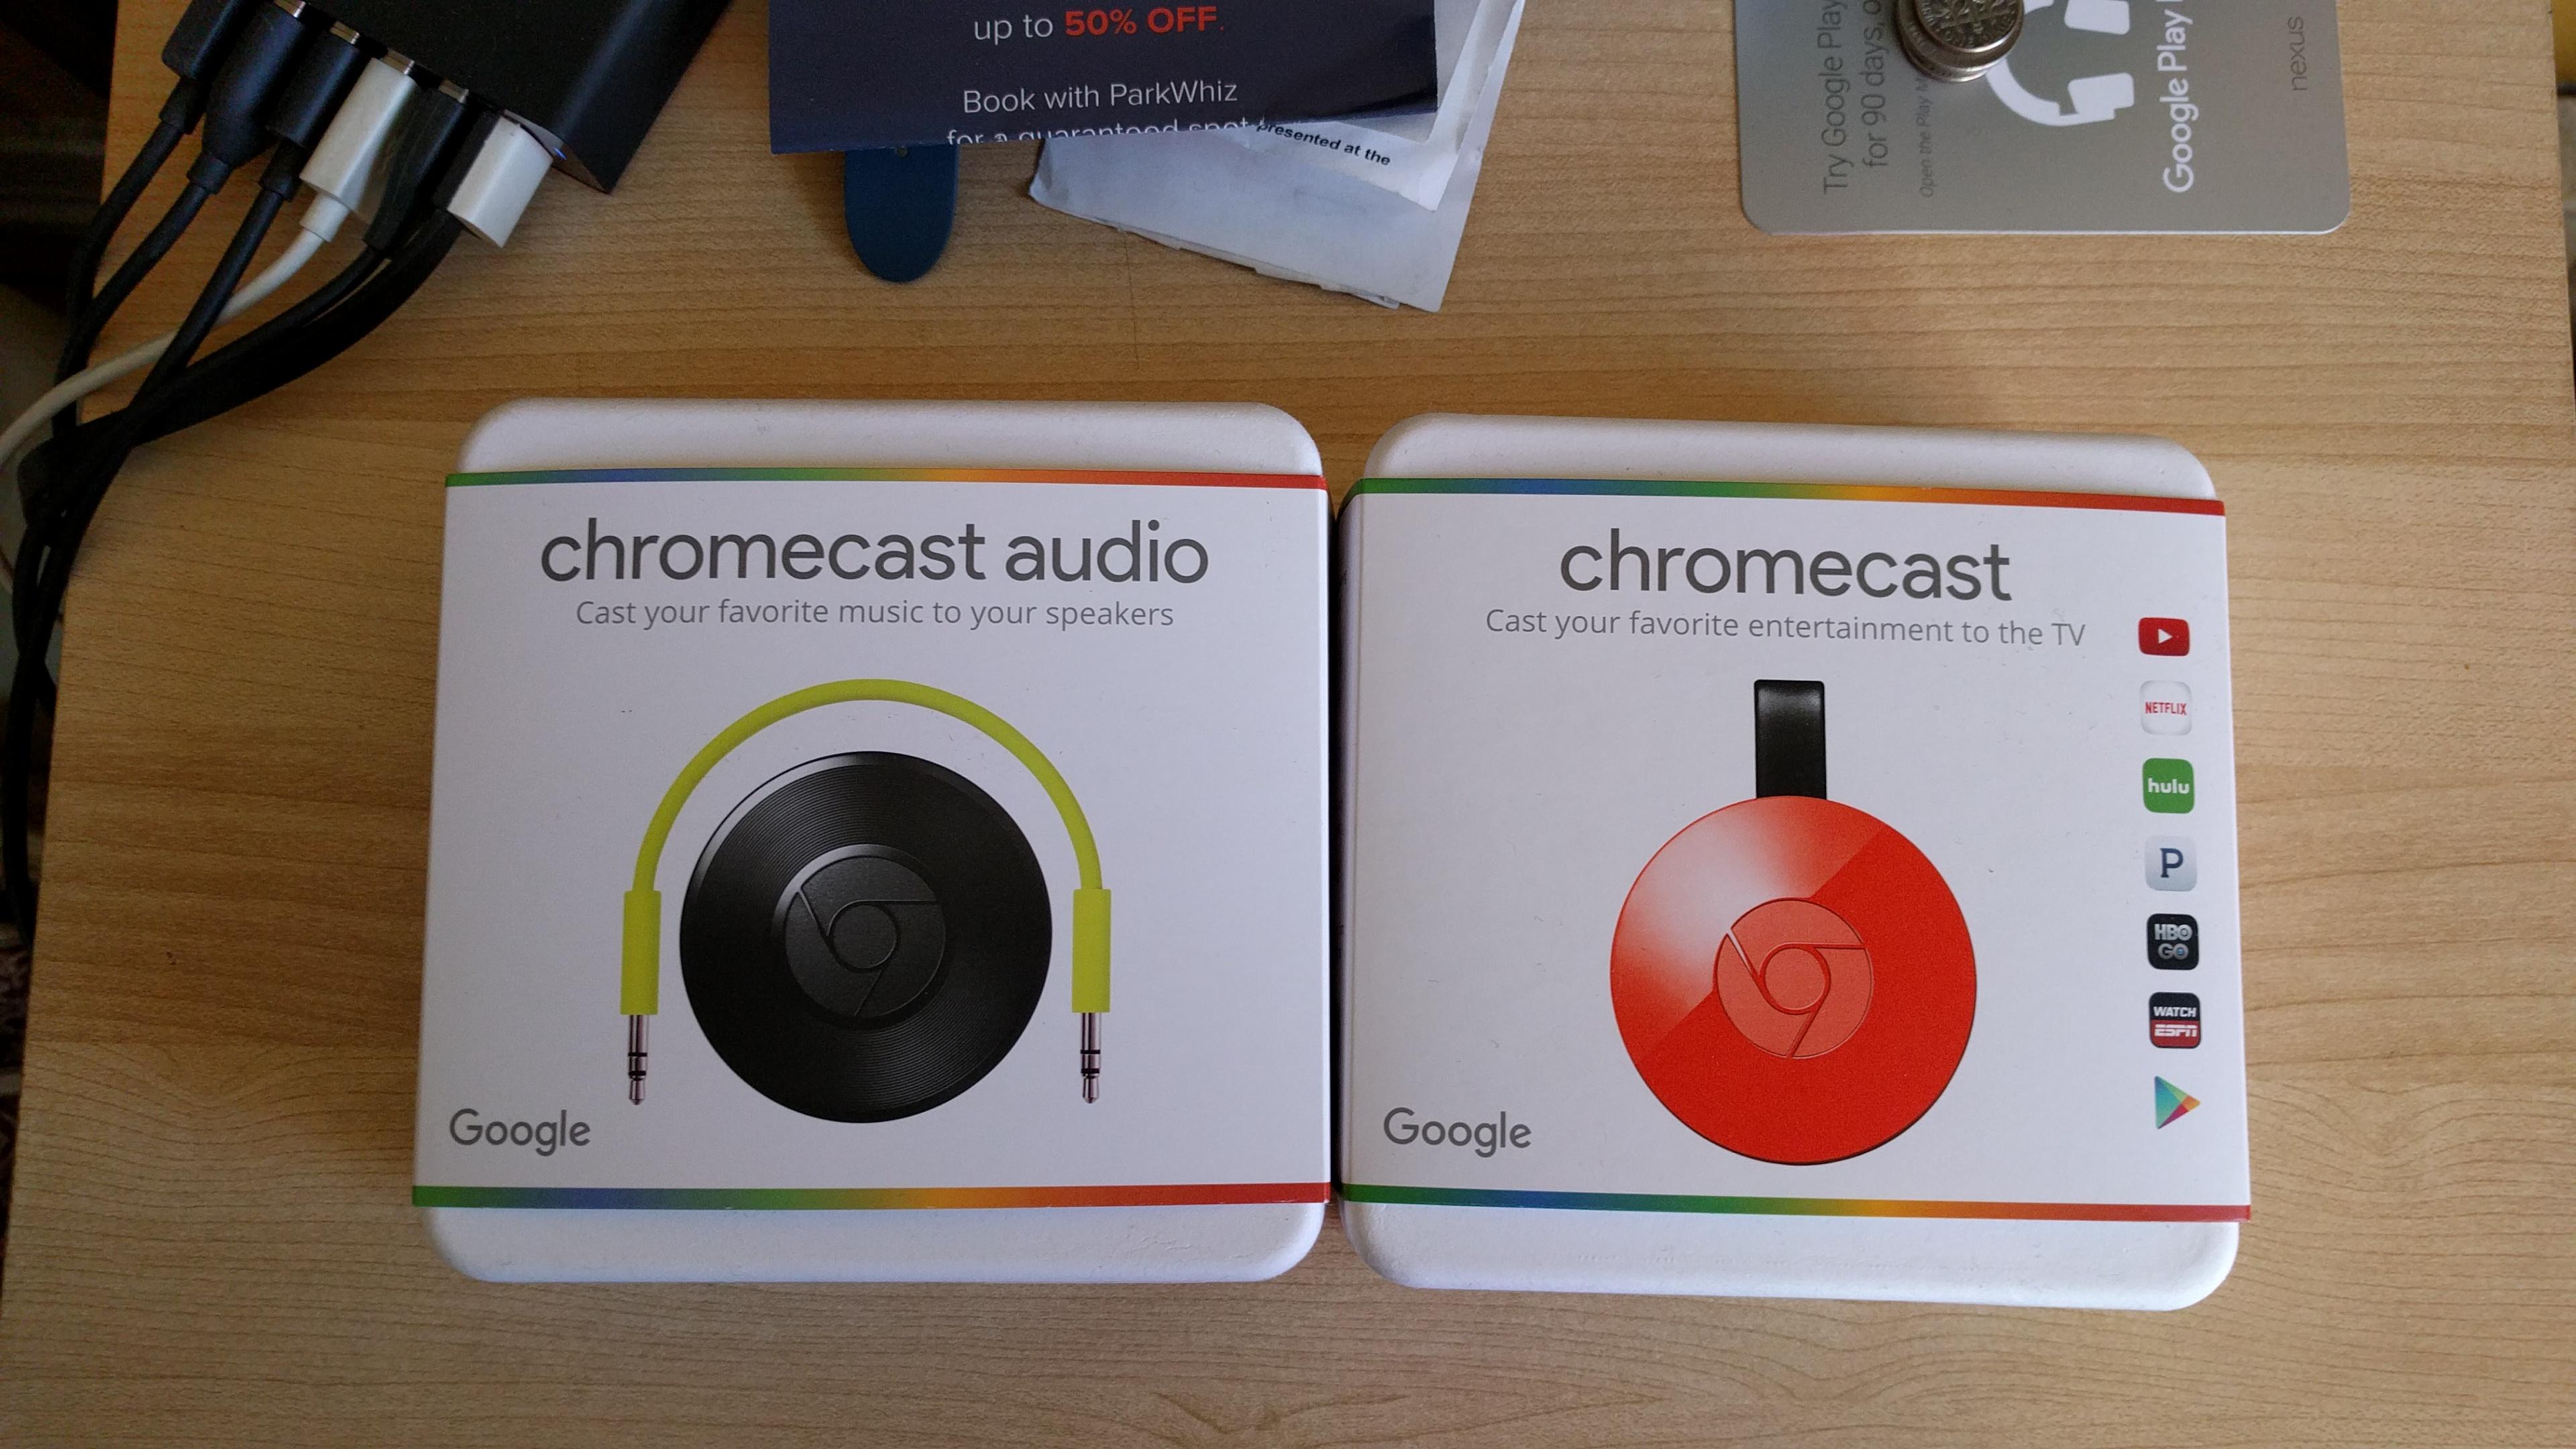 Chromecast-ChromecastAudio